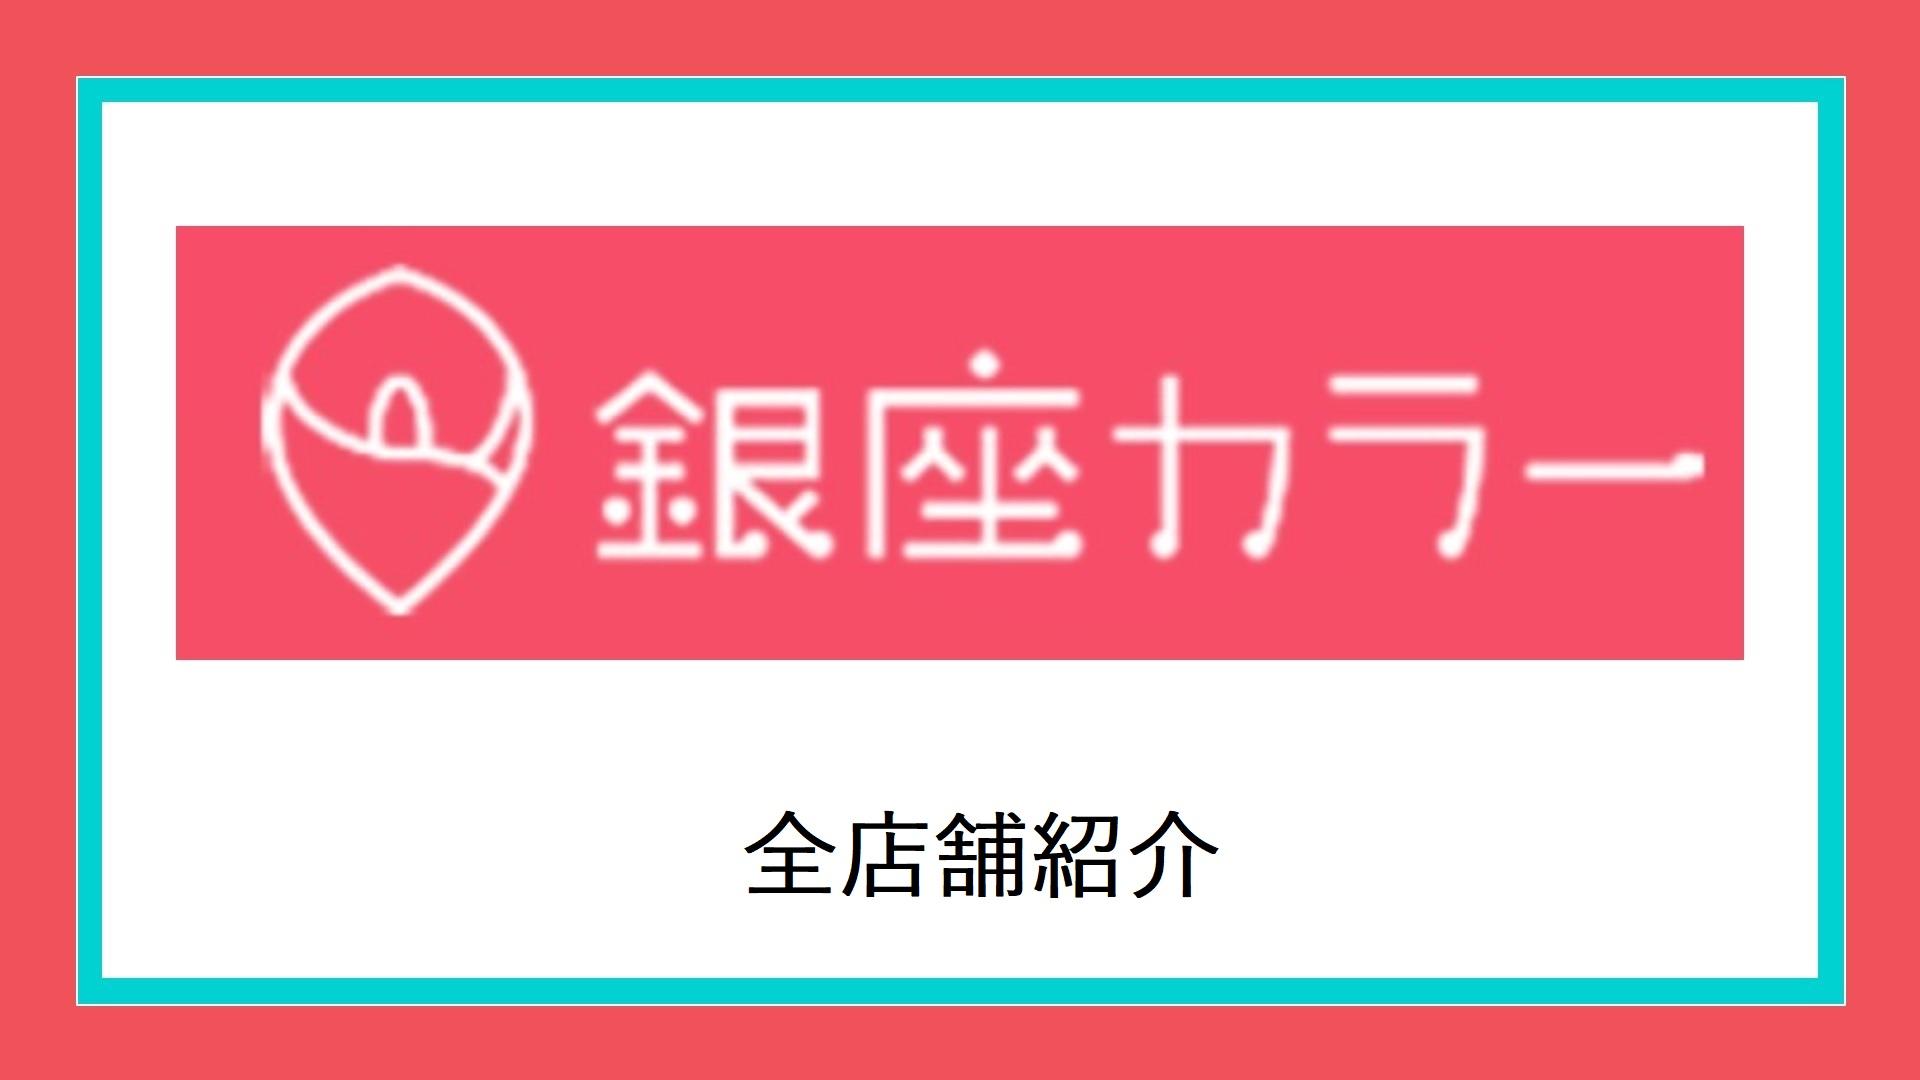 銀座カラー(全店舗紹介)